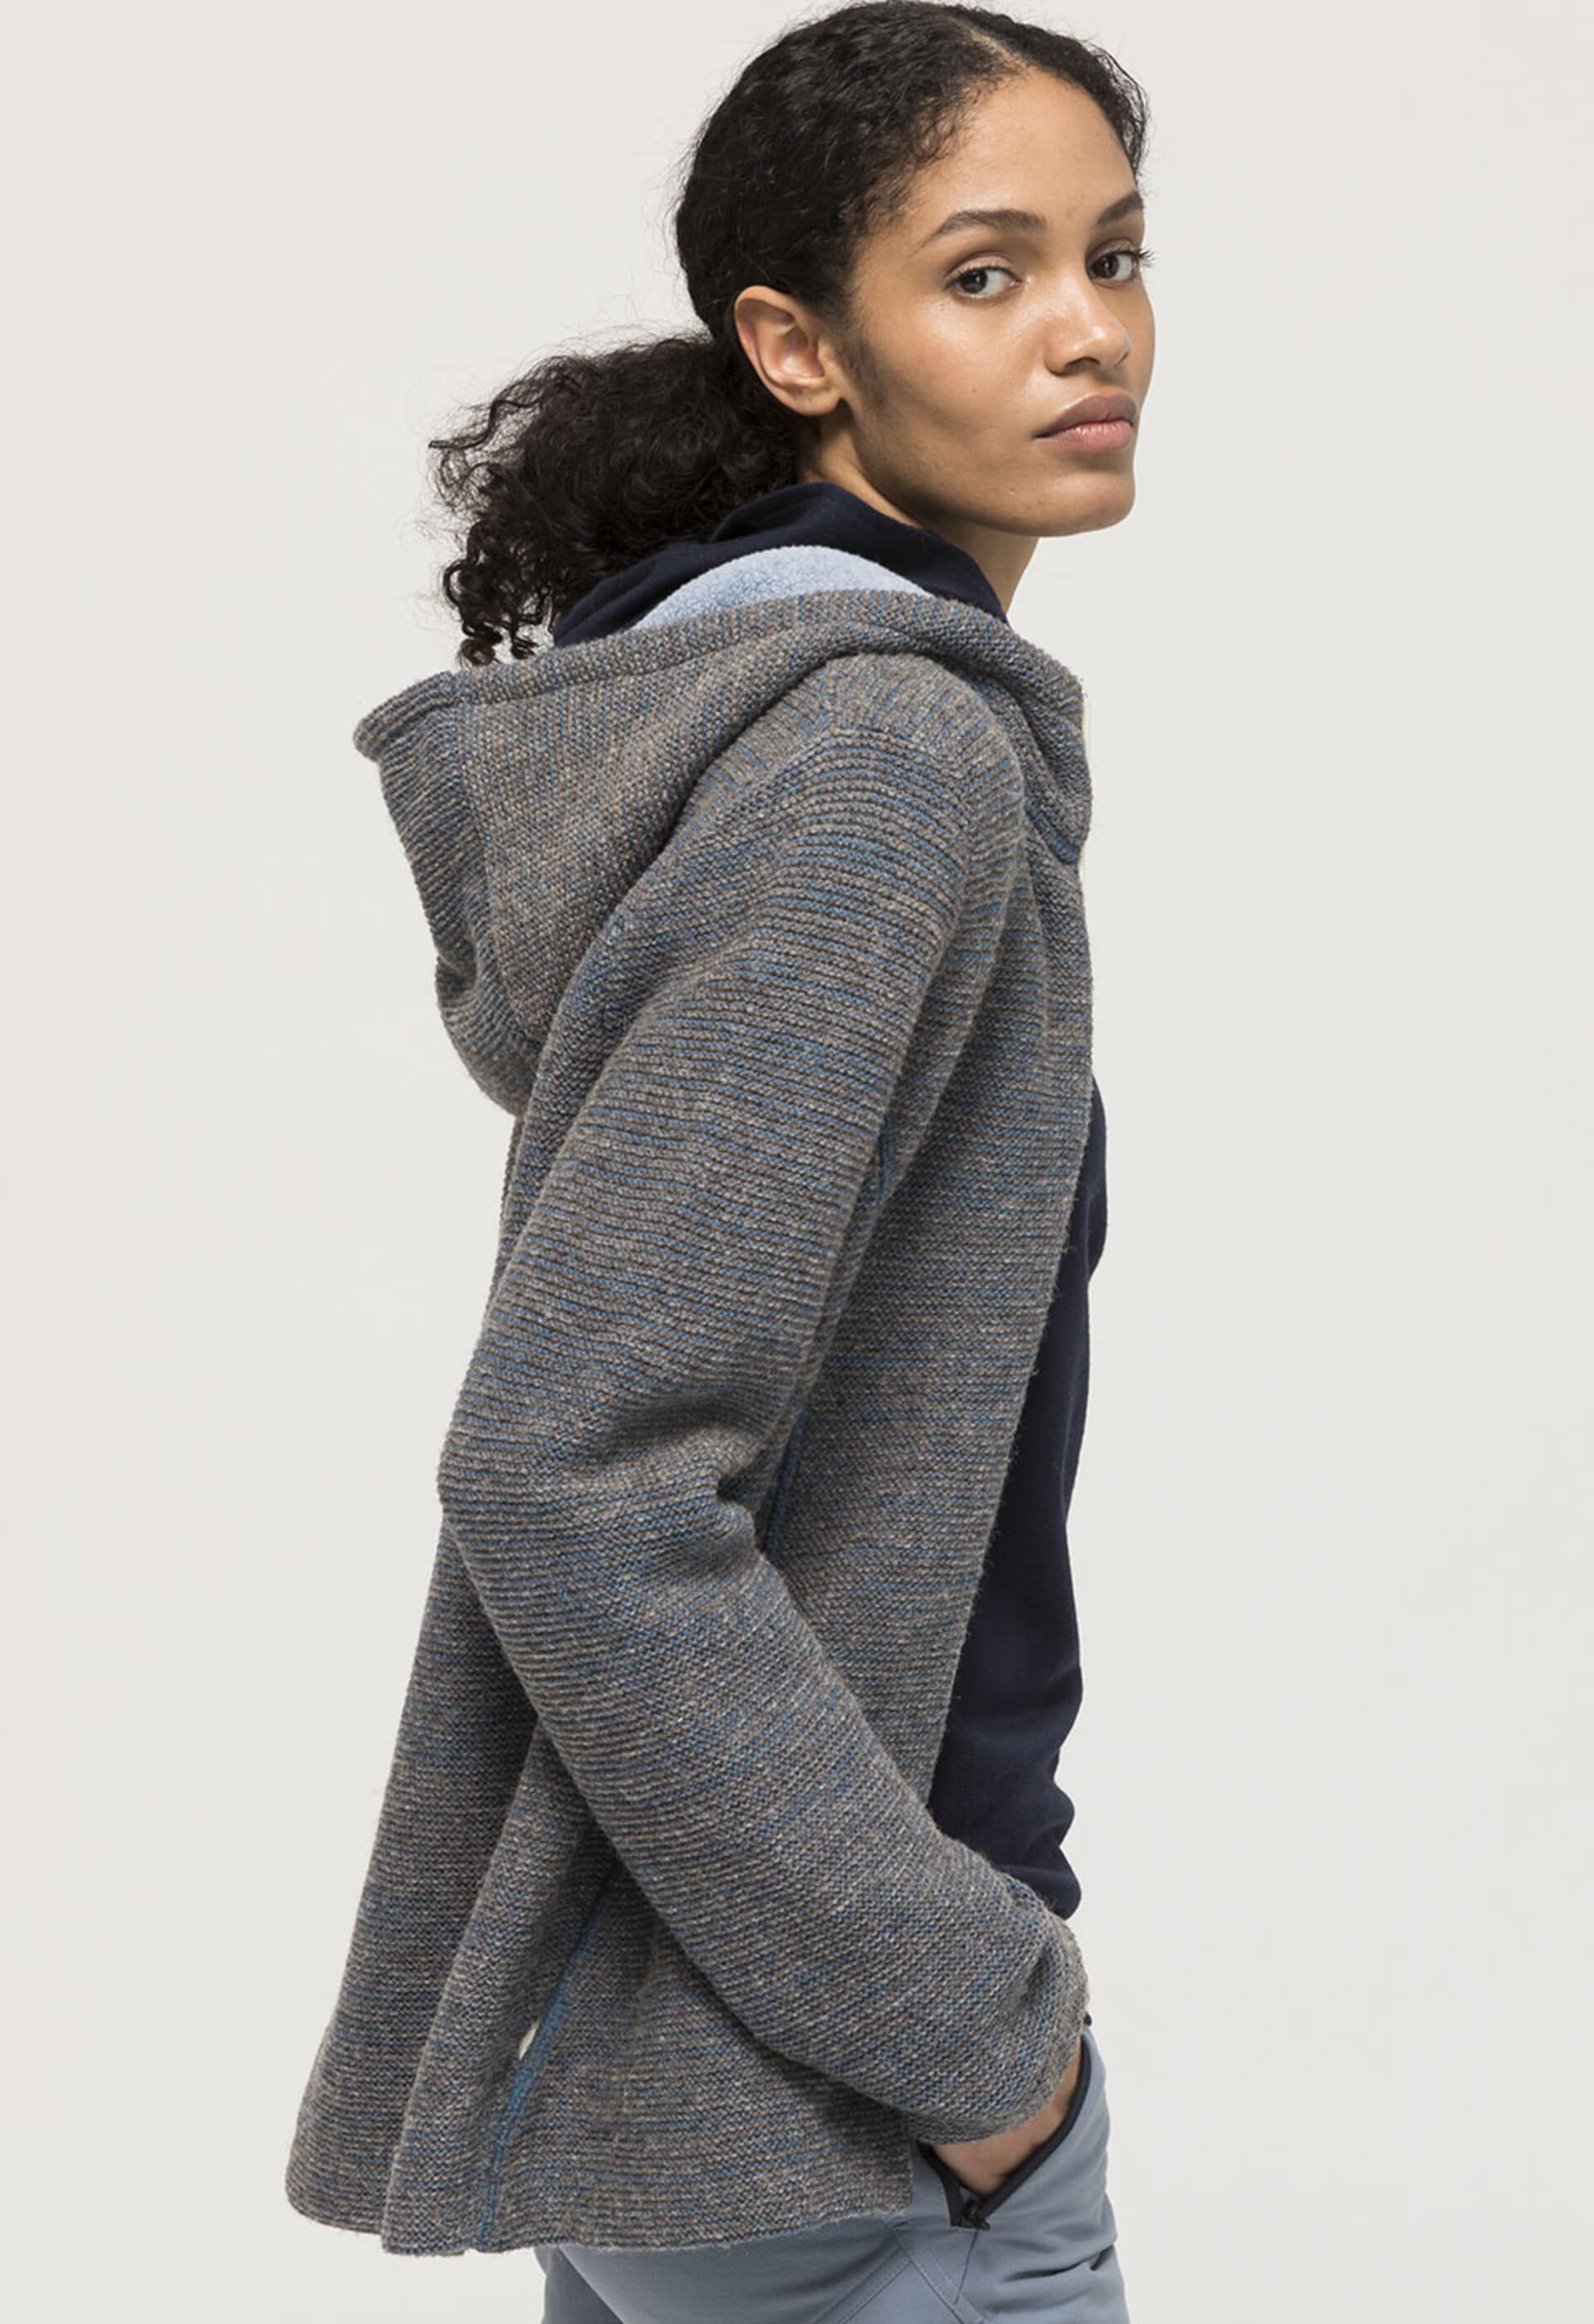 Jacken und Pullover aus rein natürlichen Materialien